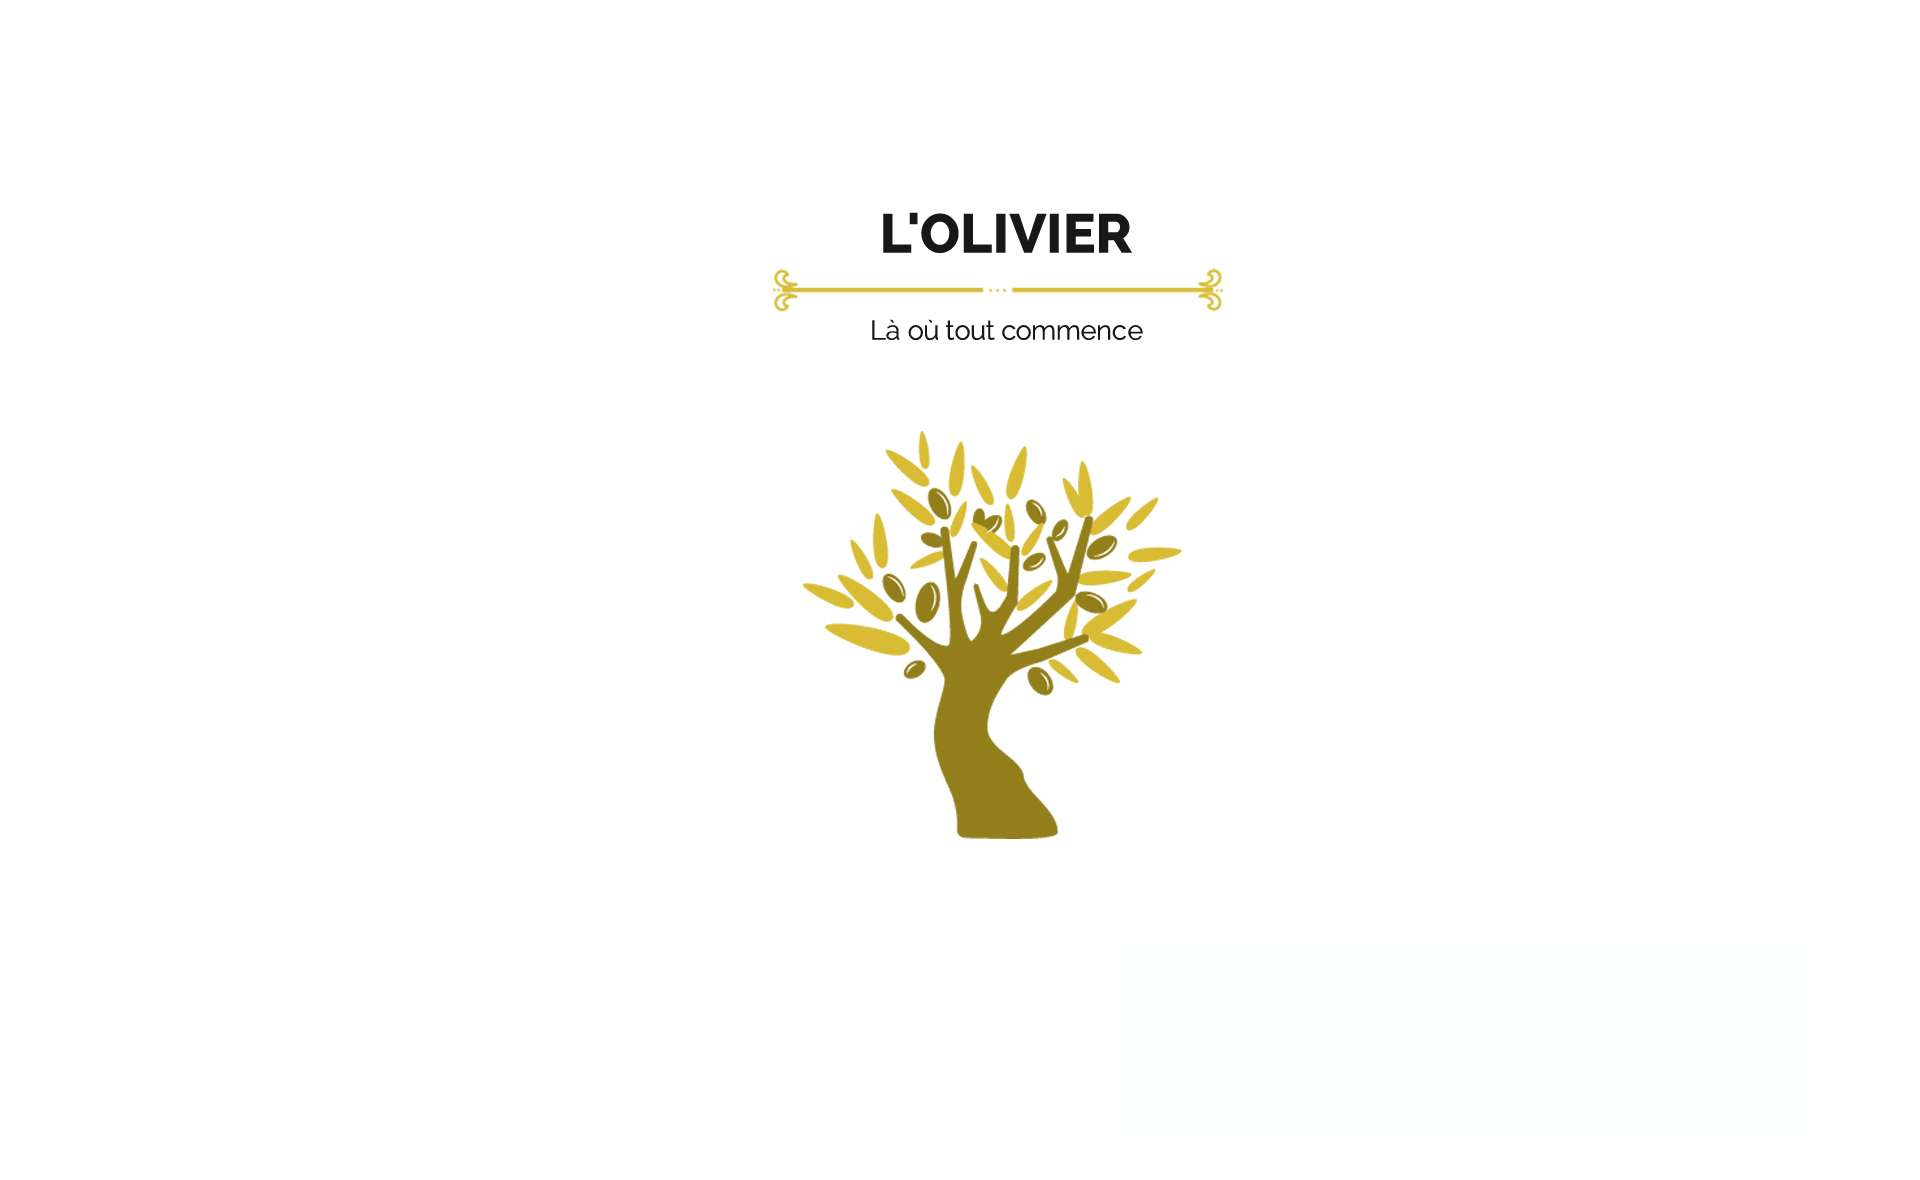 L'huile d'olive provient de l'olivier